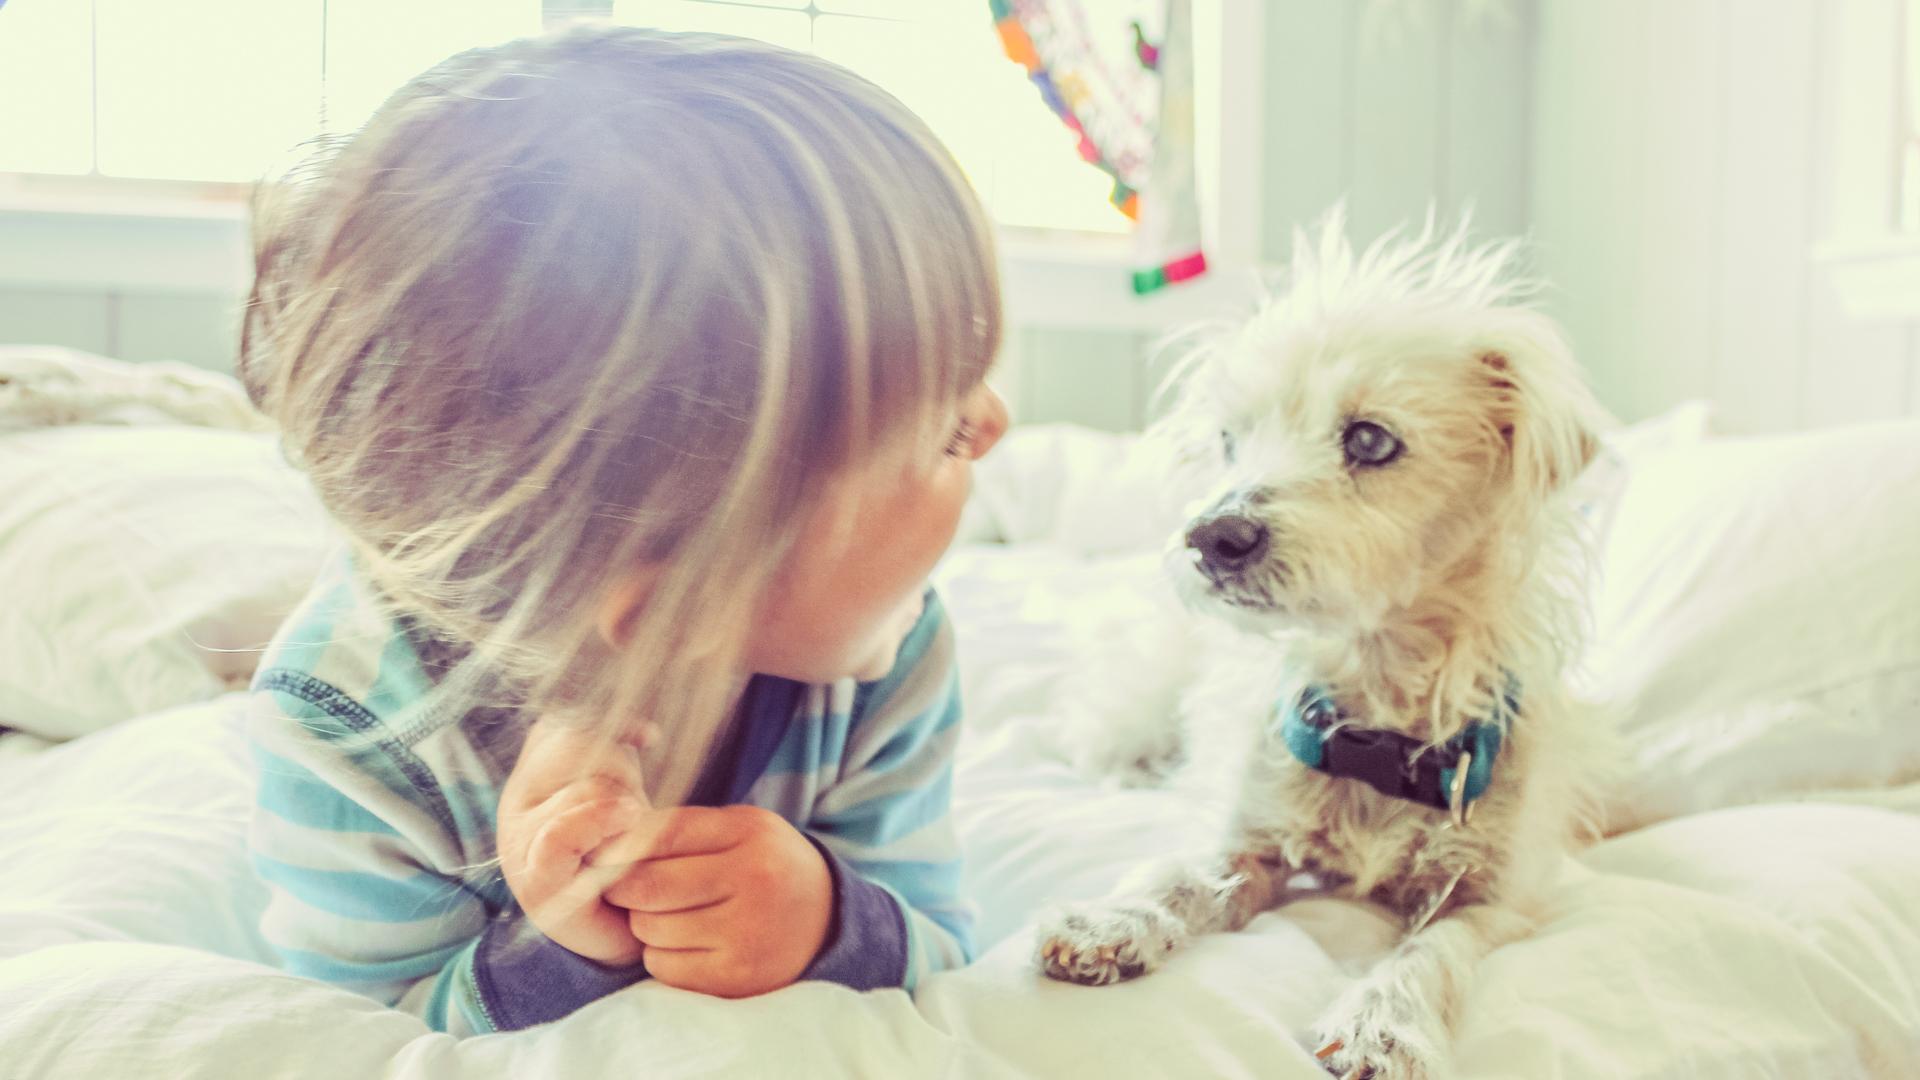 El experimento de Tasha Sturm se baso en analizar la huella de su hijo luego de todo un día escolar y de juegos con el perro de la familia (iStock)